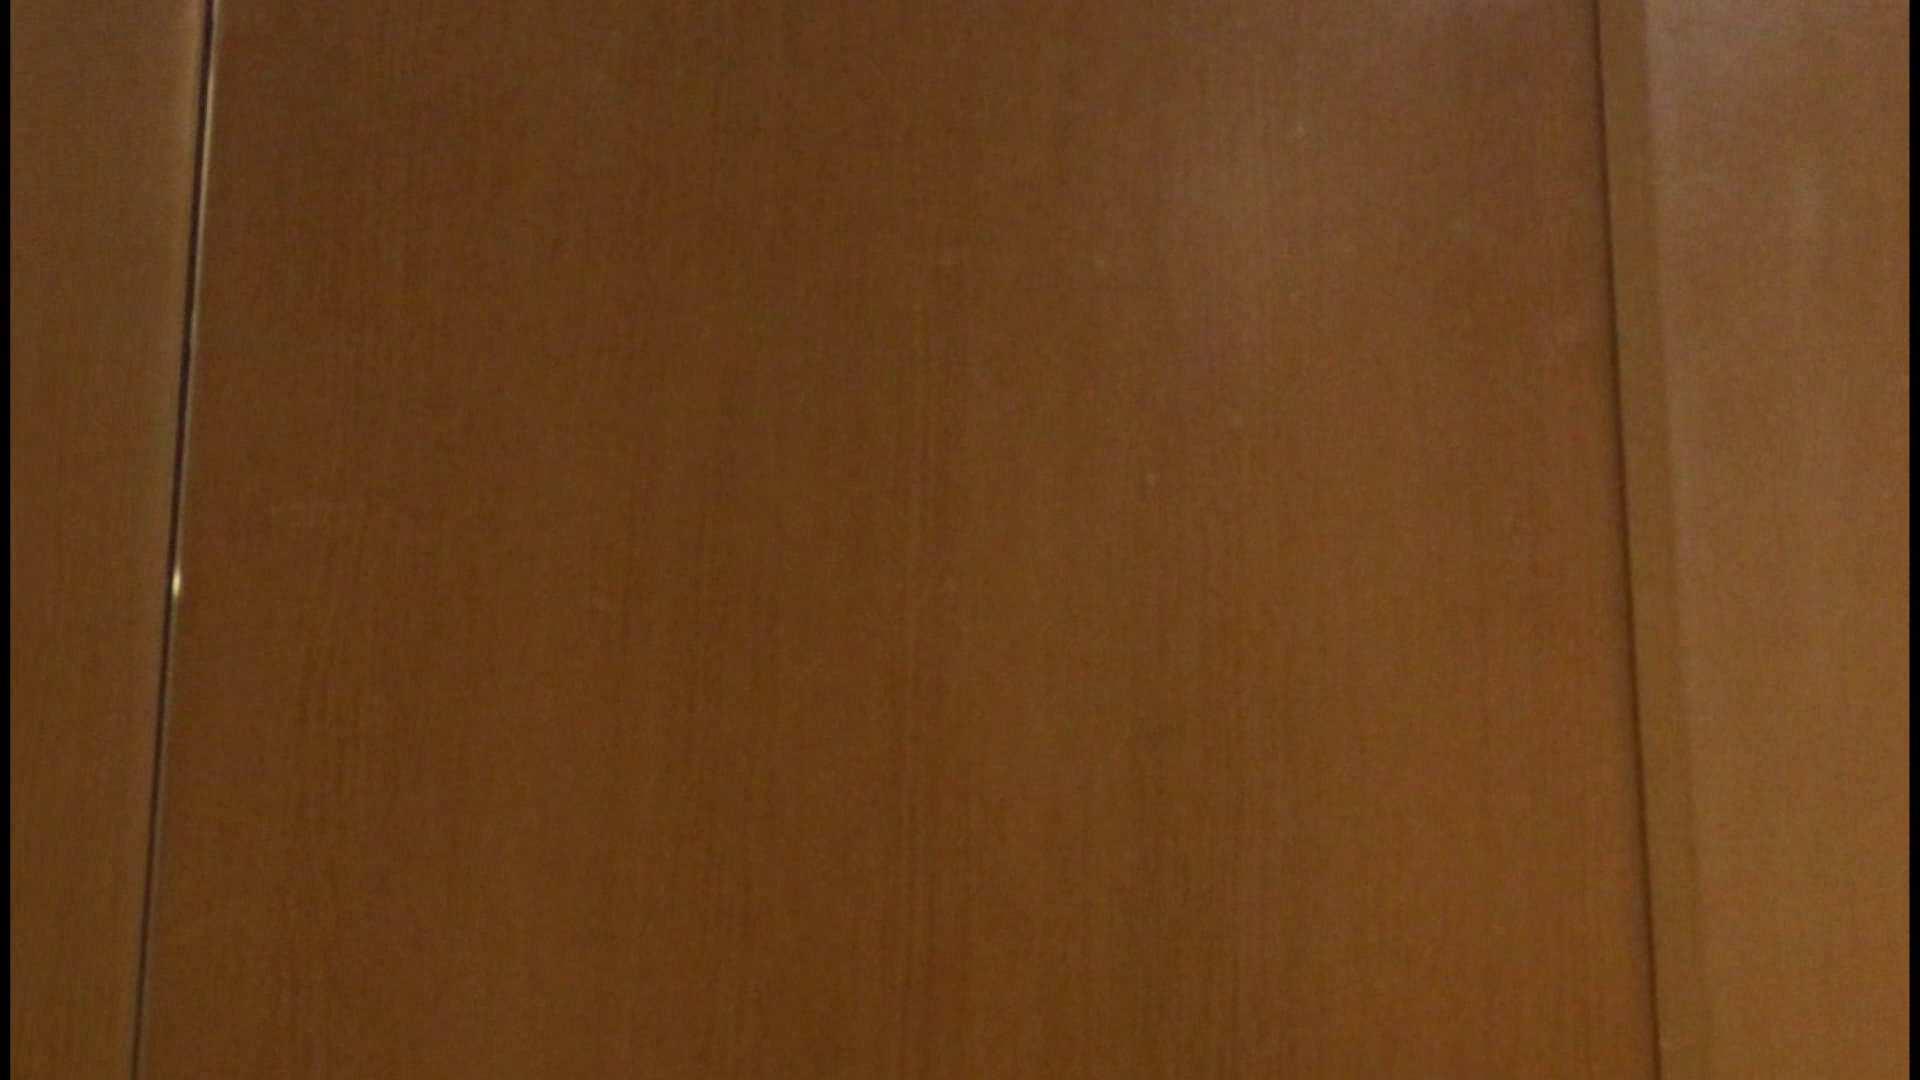 「噂」の国の厠観察日記2 Vol.08 厠   人気シリーズ  80連発 16